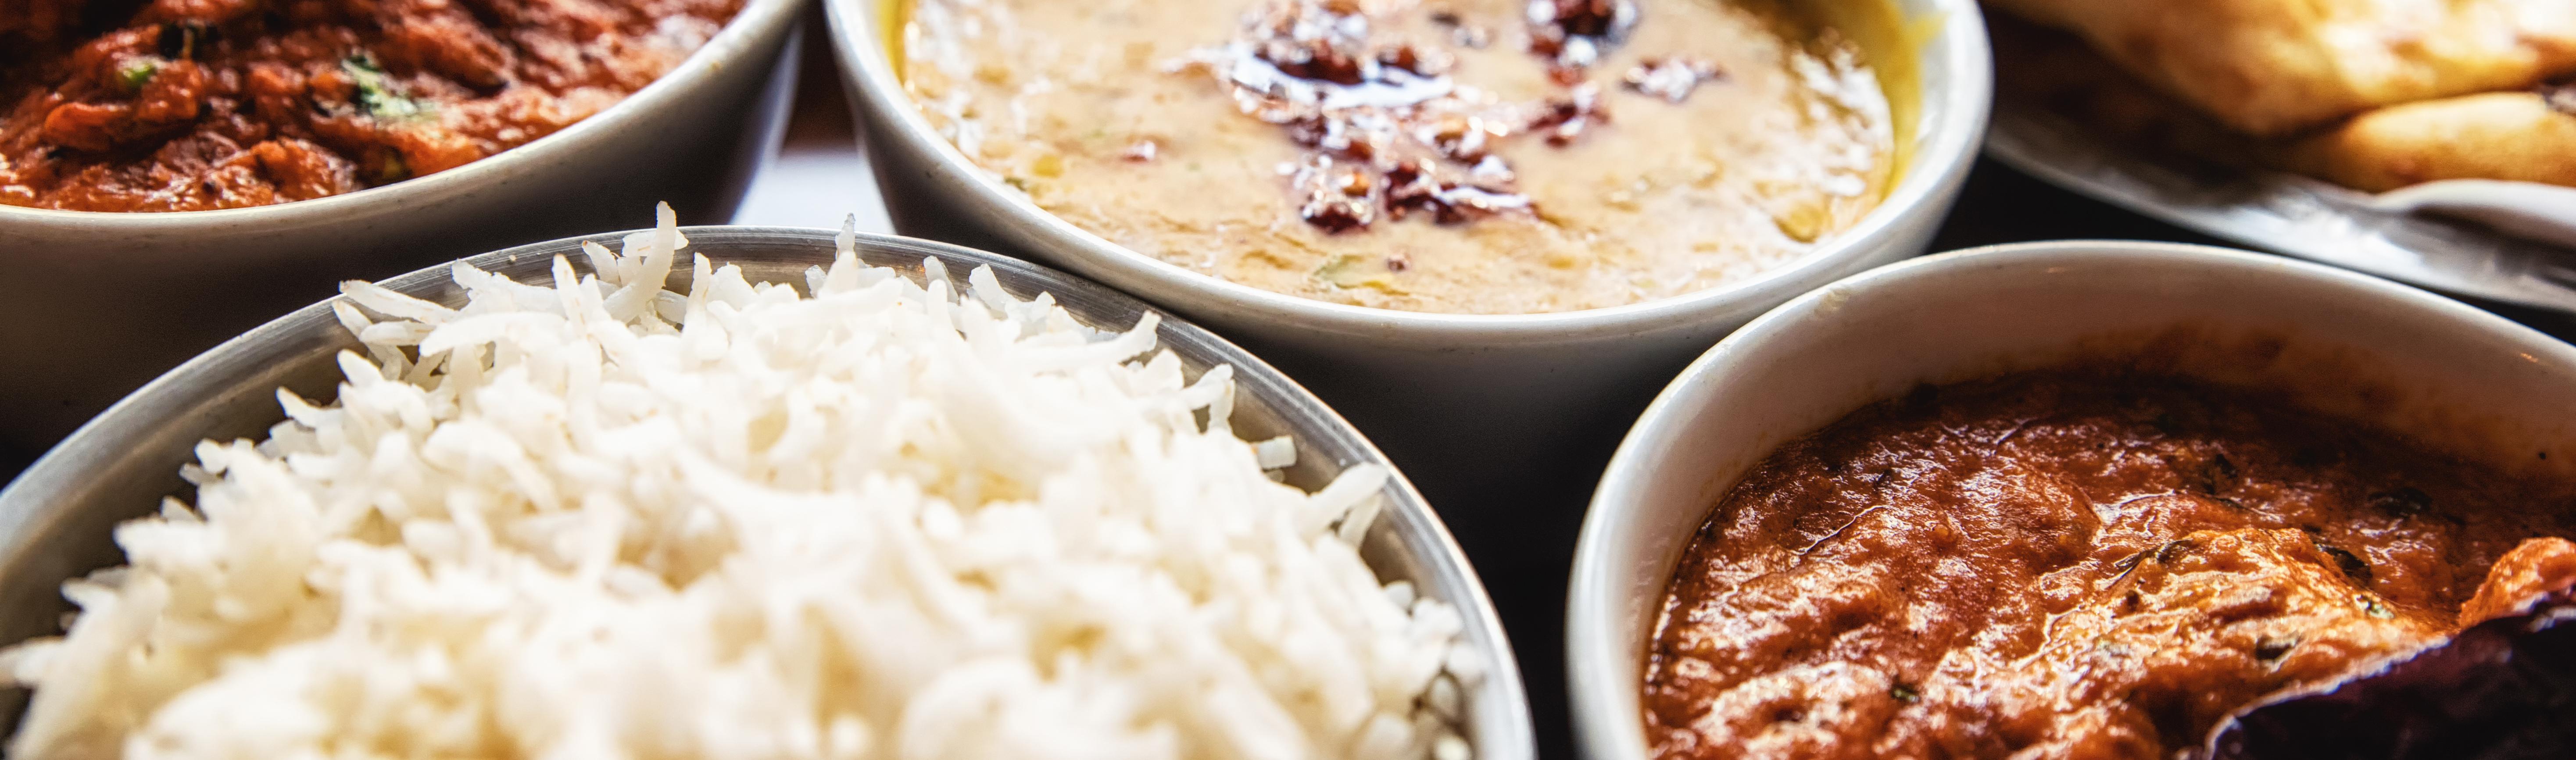 welke rijst heb je nodig voor rijstpap